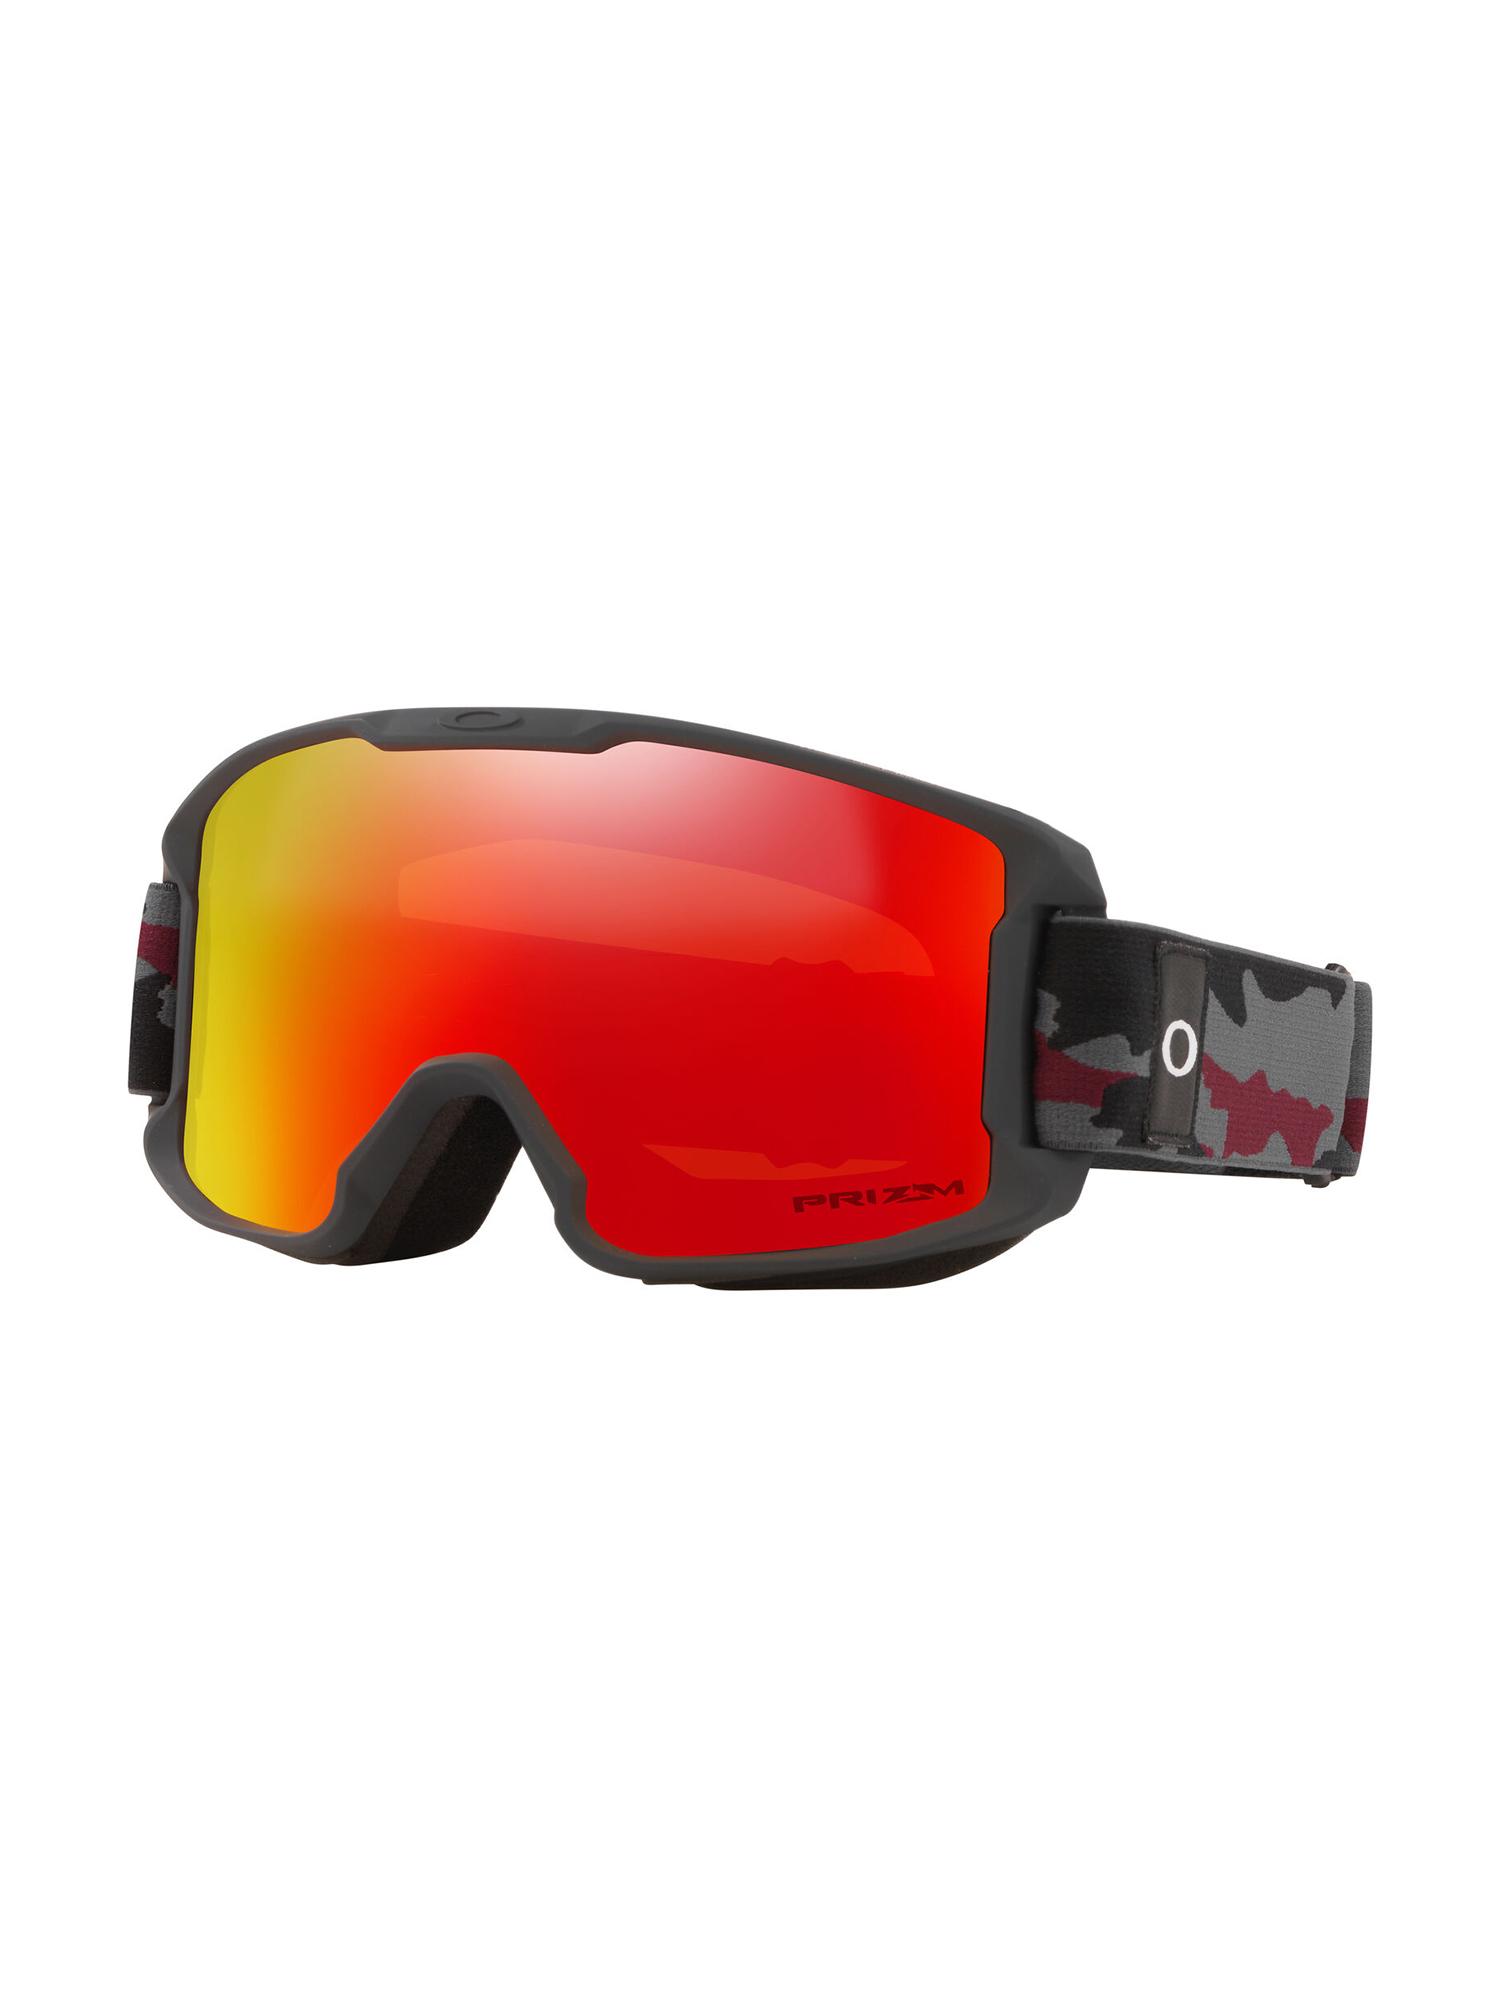 unisexe cyclisme chasse randonn/ée imperm/éable 1 paire de gu/êtes paomo Gu/êtres de ski escalade sport maintien chaud randonn/ée camping